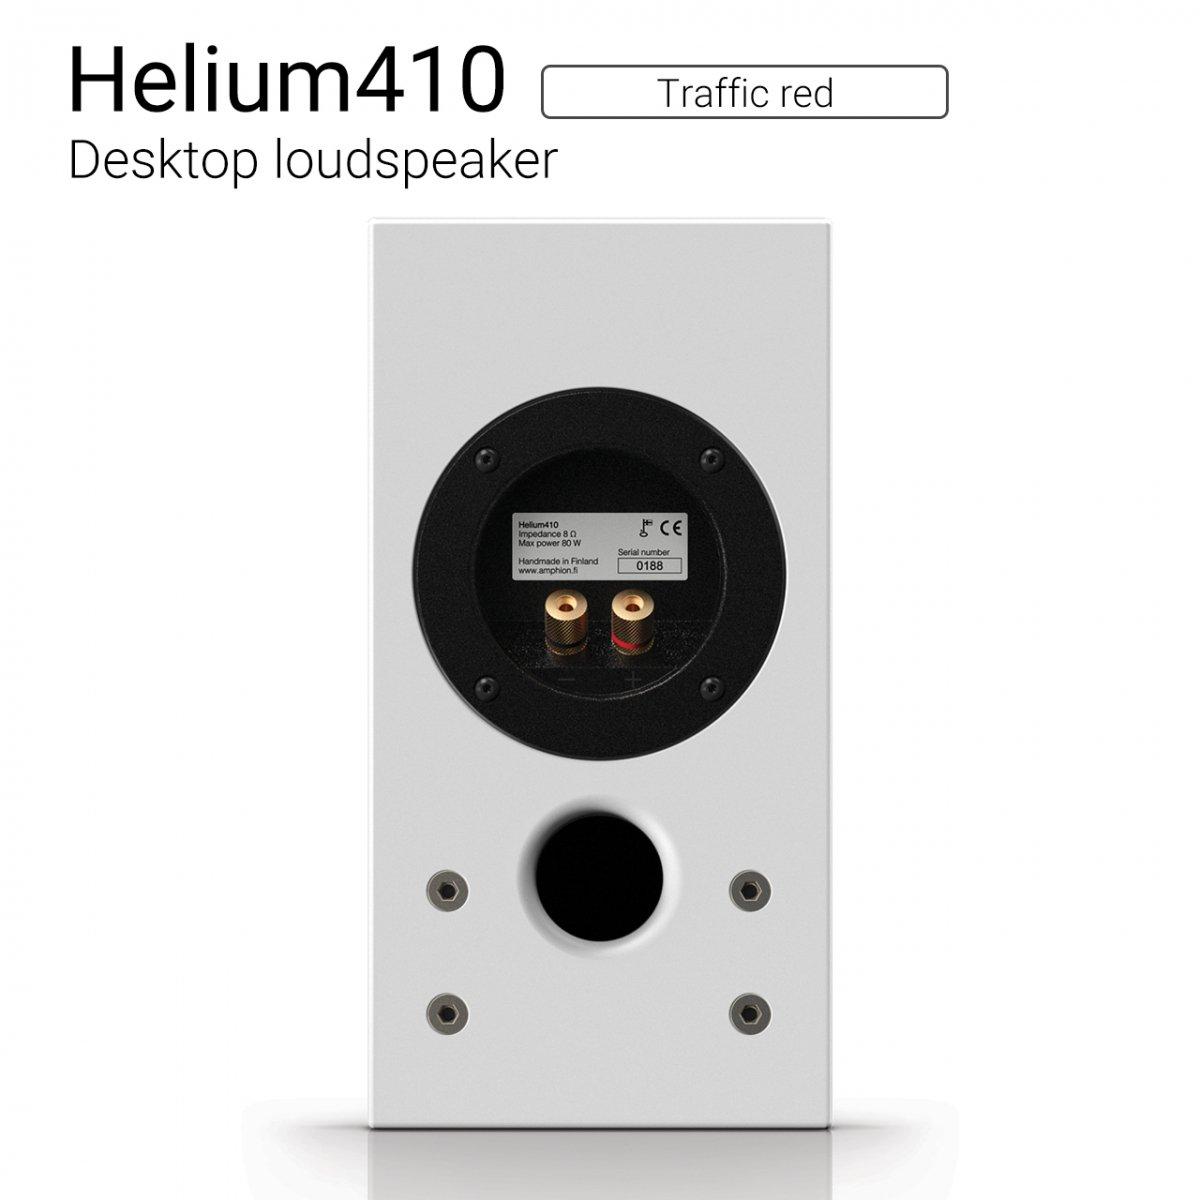 【優れた北欧センス】Helium410 (Traffic red) Desktop loudspeaker【ペア】